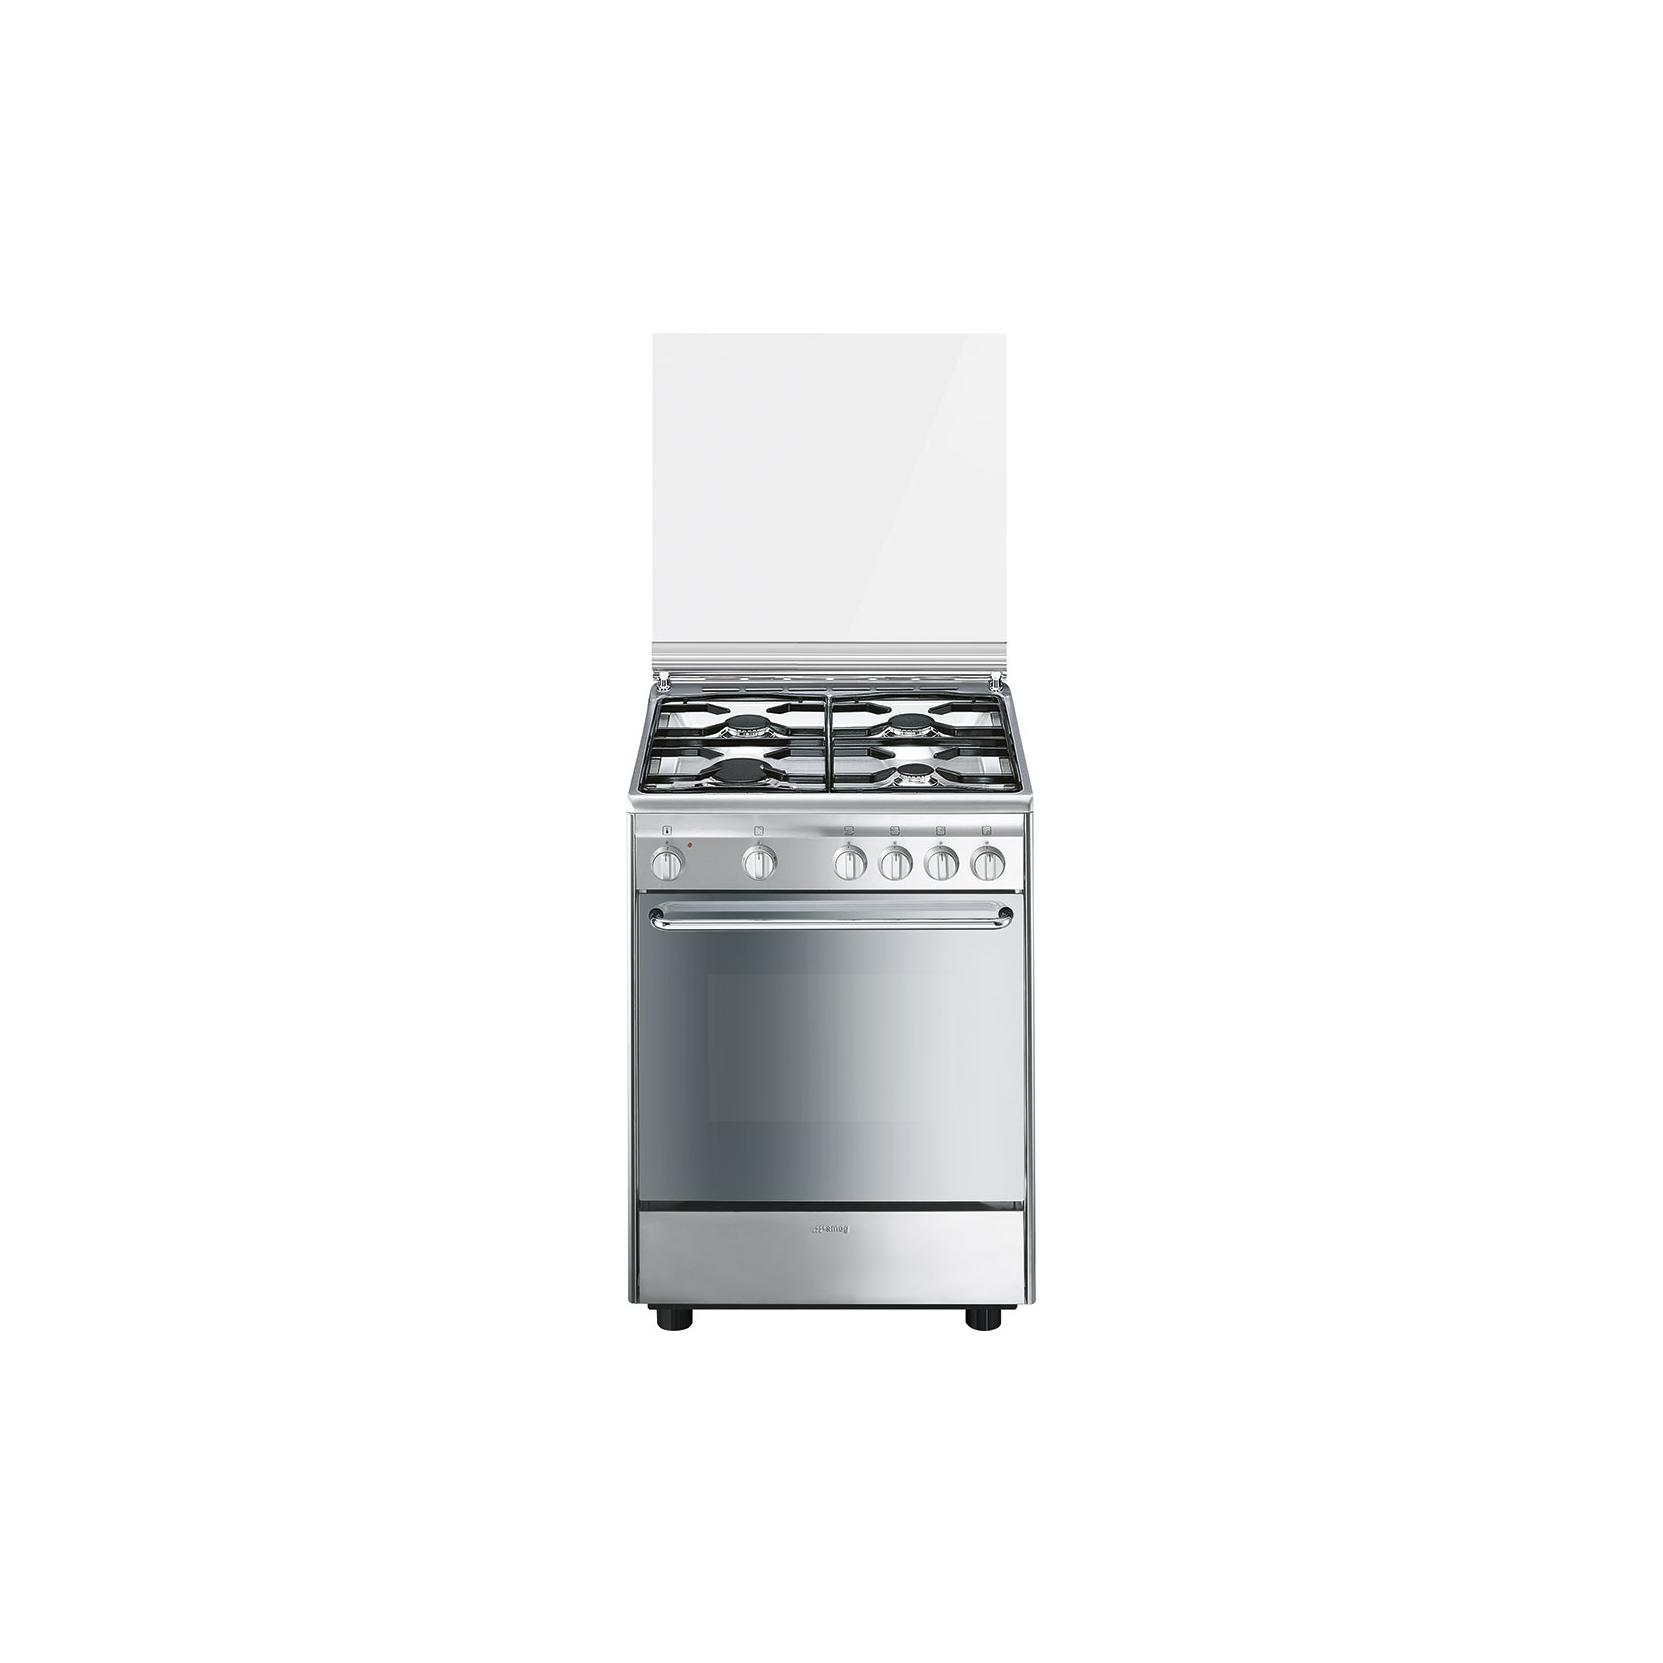 Cucina smeg cx6sv9 inox 60 60 4 f forno elettrico 6 funzioni promozione elettrovillage - Cucine a gas samsung ...